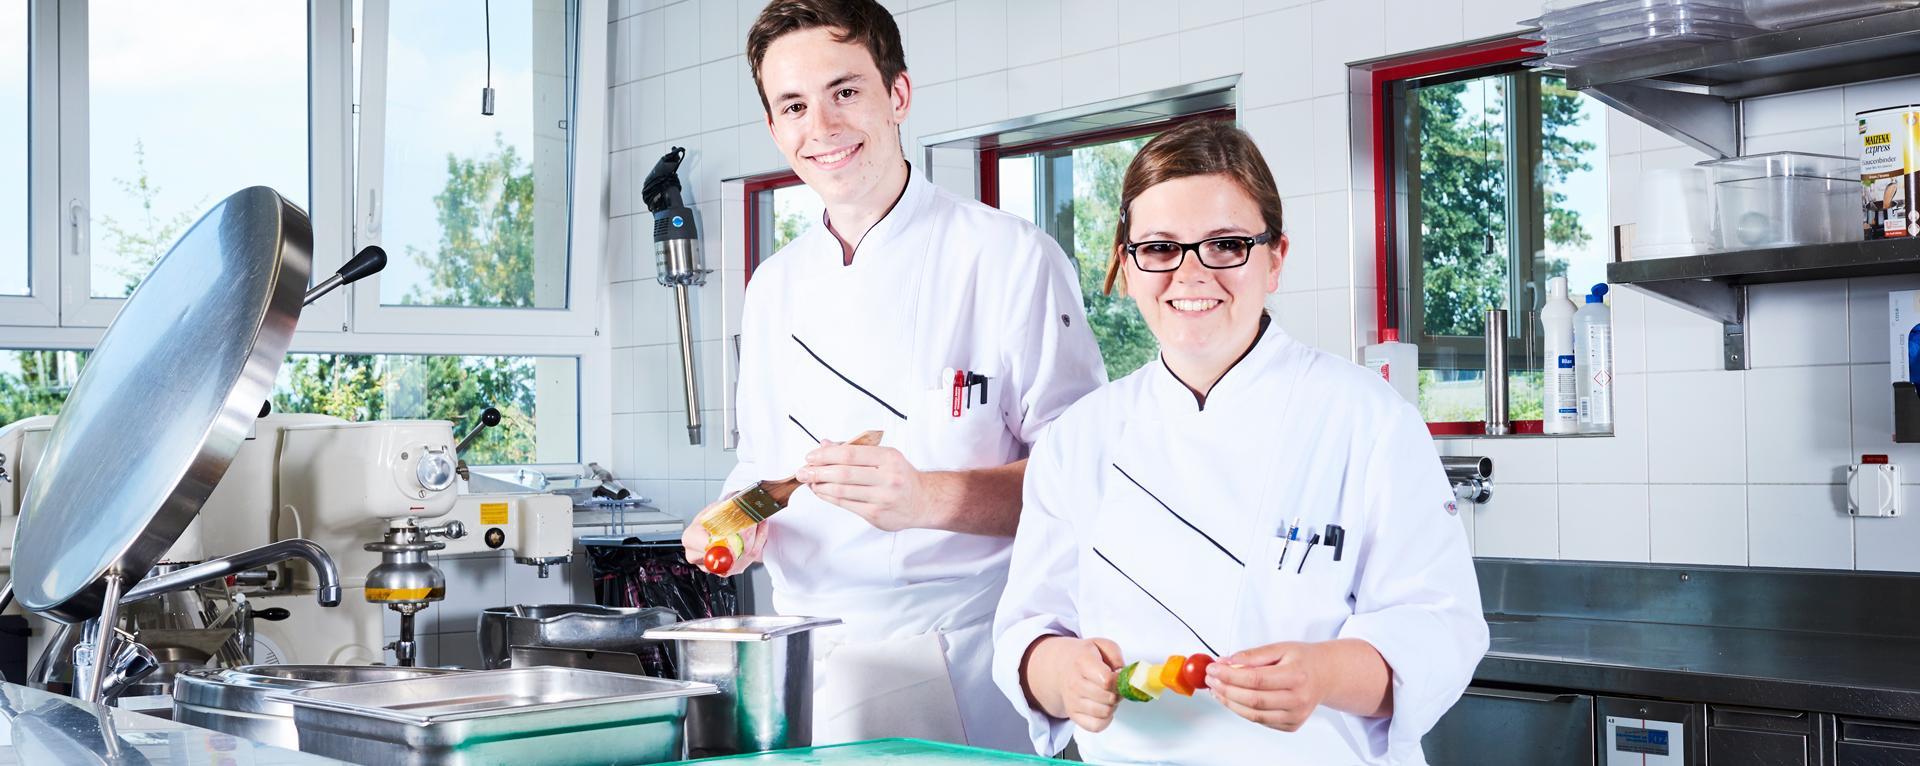 Auszubildender Koch / Auszubildende Köchin EFZ in der Küche bei der Arbeit